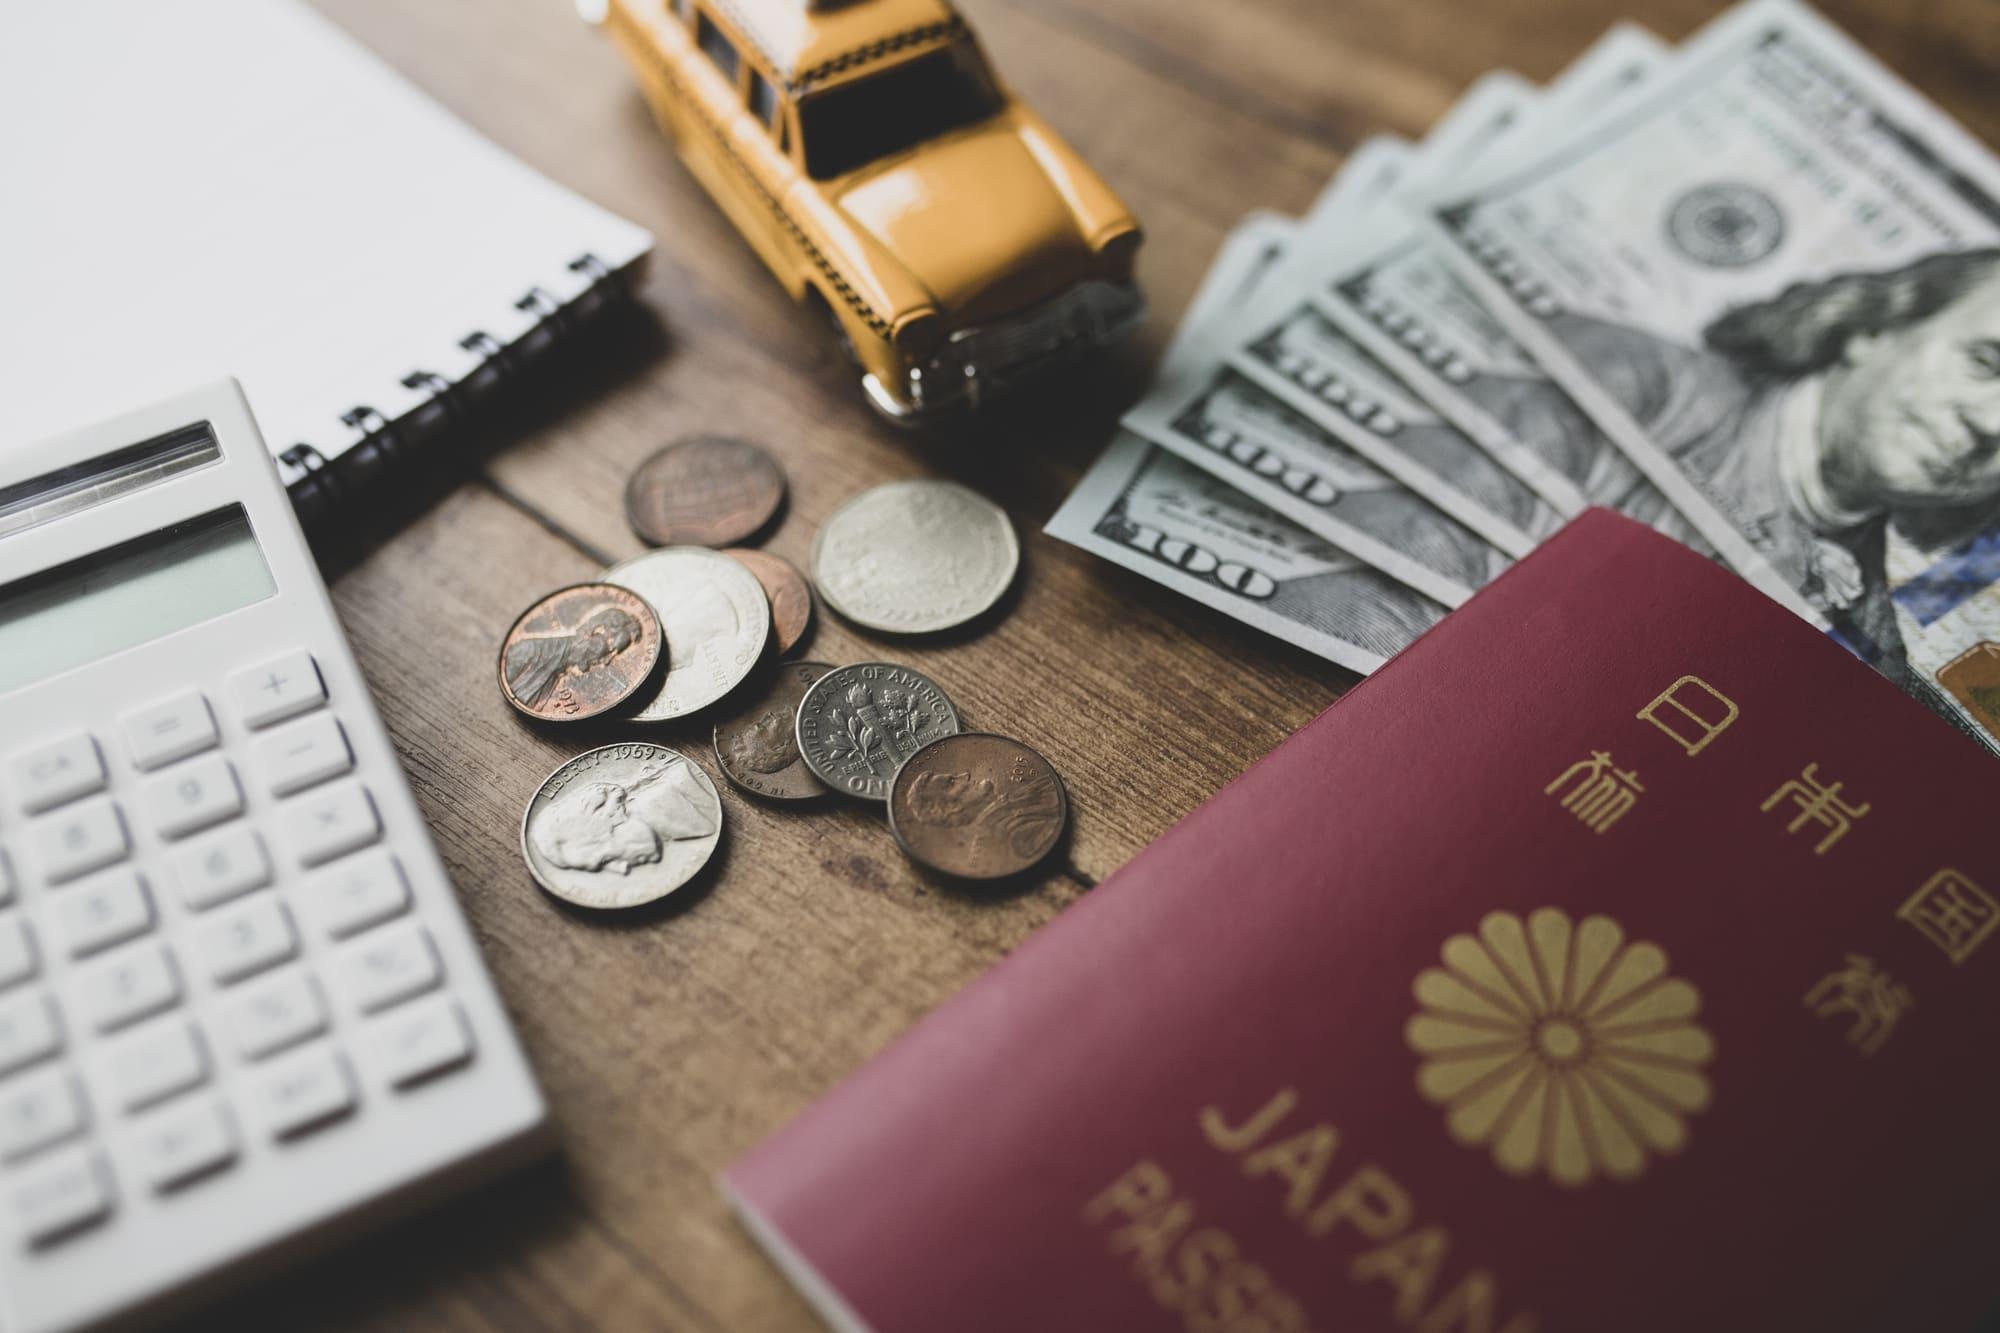 ビジネスマン必見!アメックスビジネスカードの旅行付帯サービスをご紹介